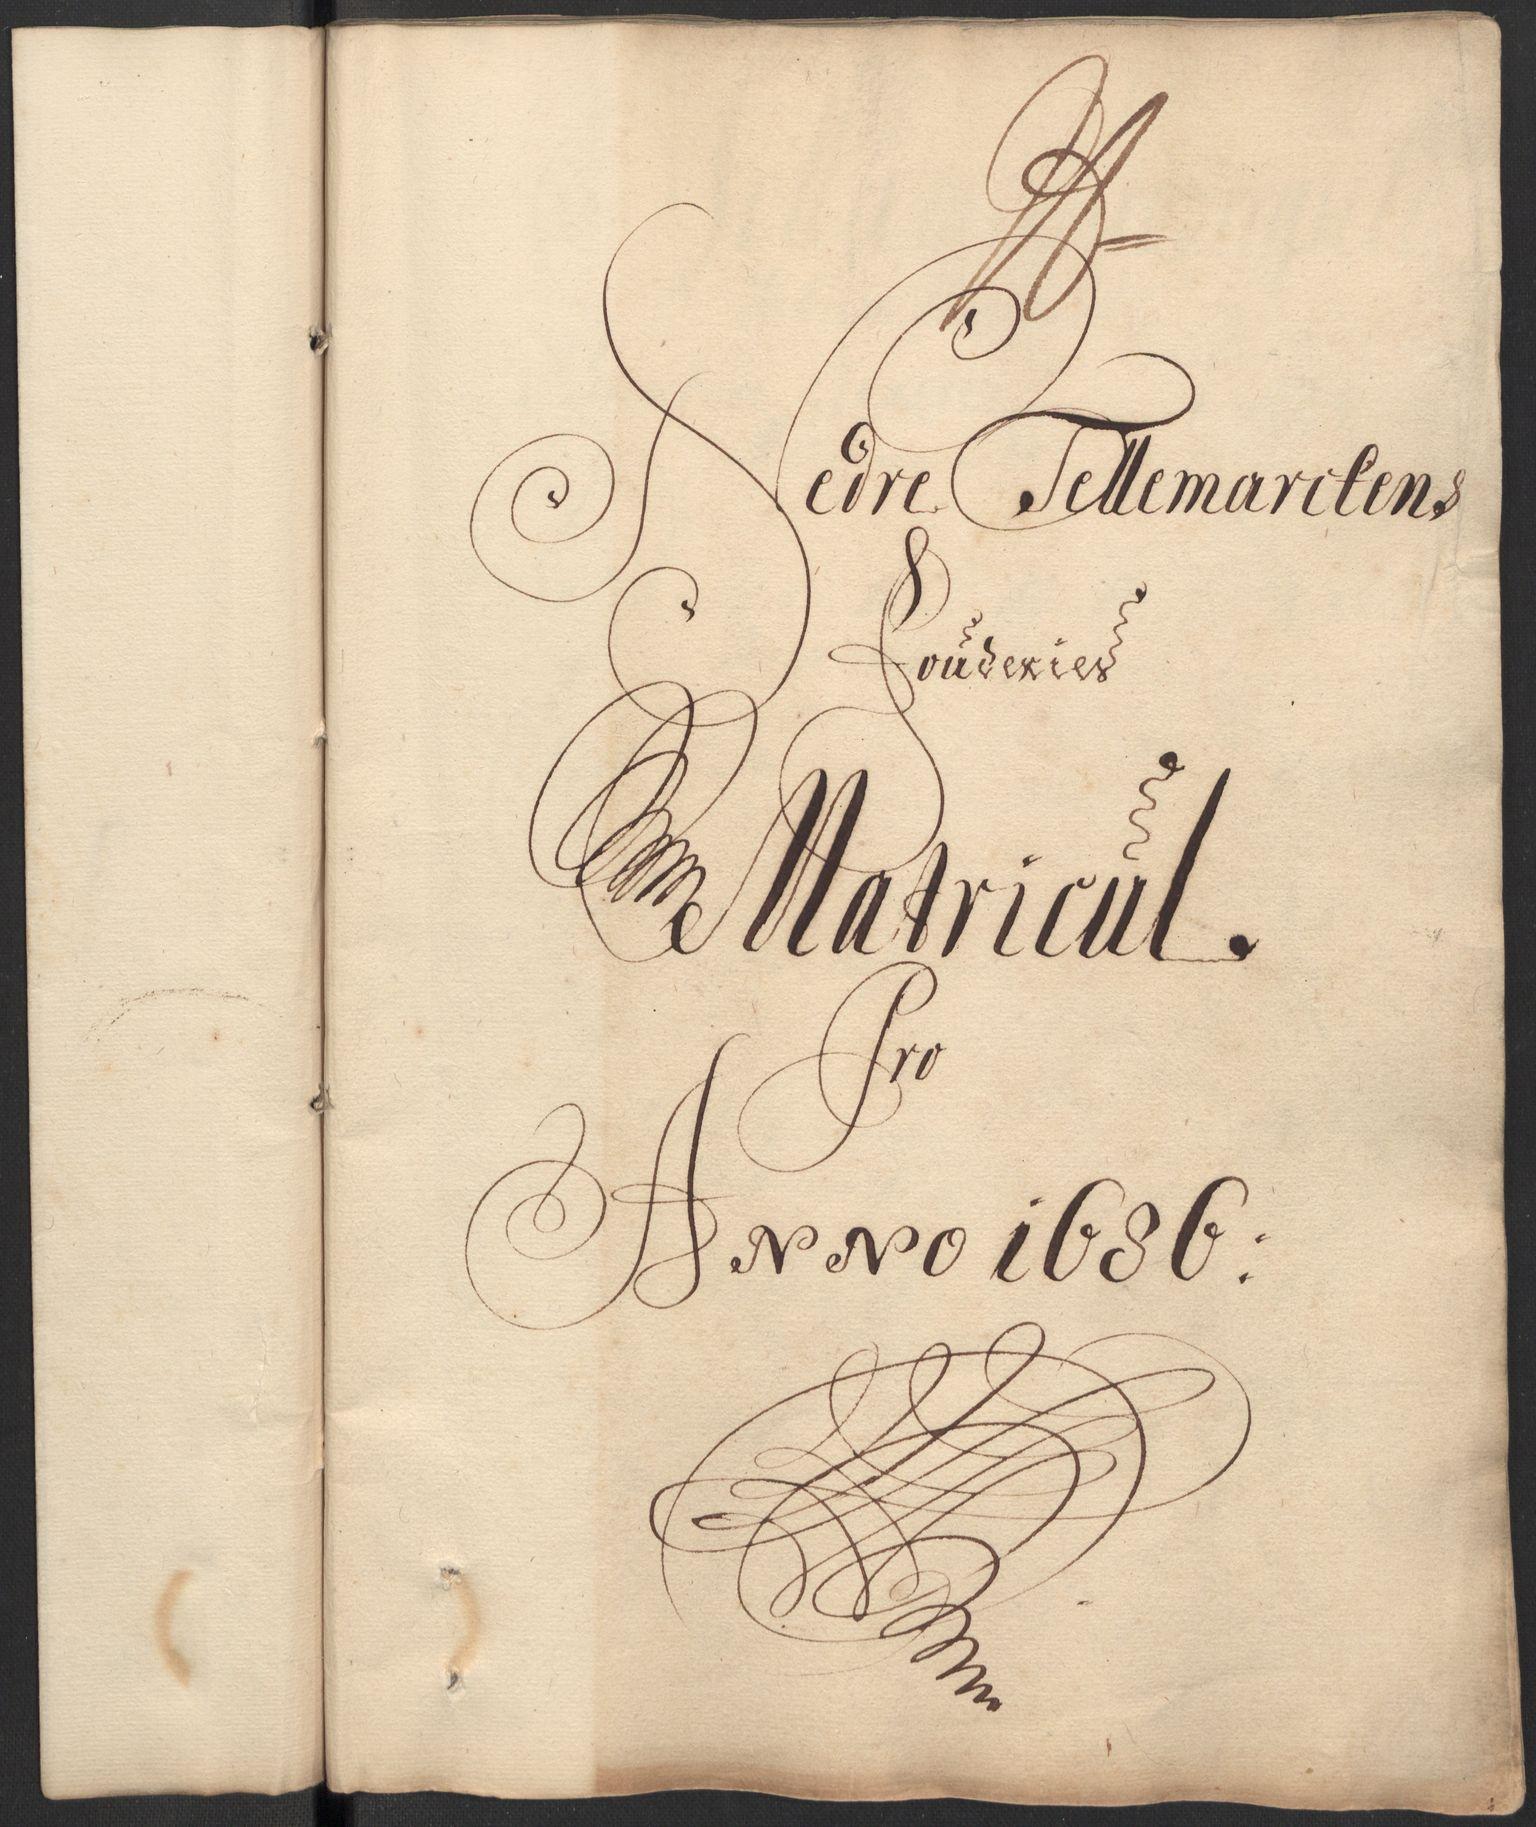 RA, Rentekammeret inntil 1814, Reviderte regnskaper, Fogderegnskap, R35/L2083: Fogderegnskap Øvre og Nedre Telemark, 1686, s. 176